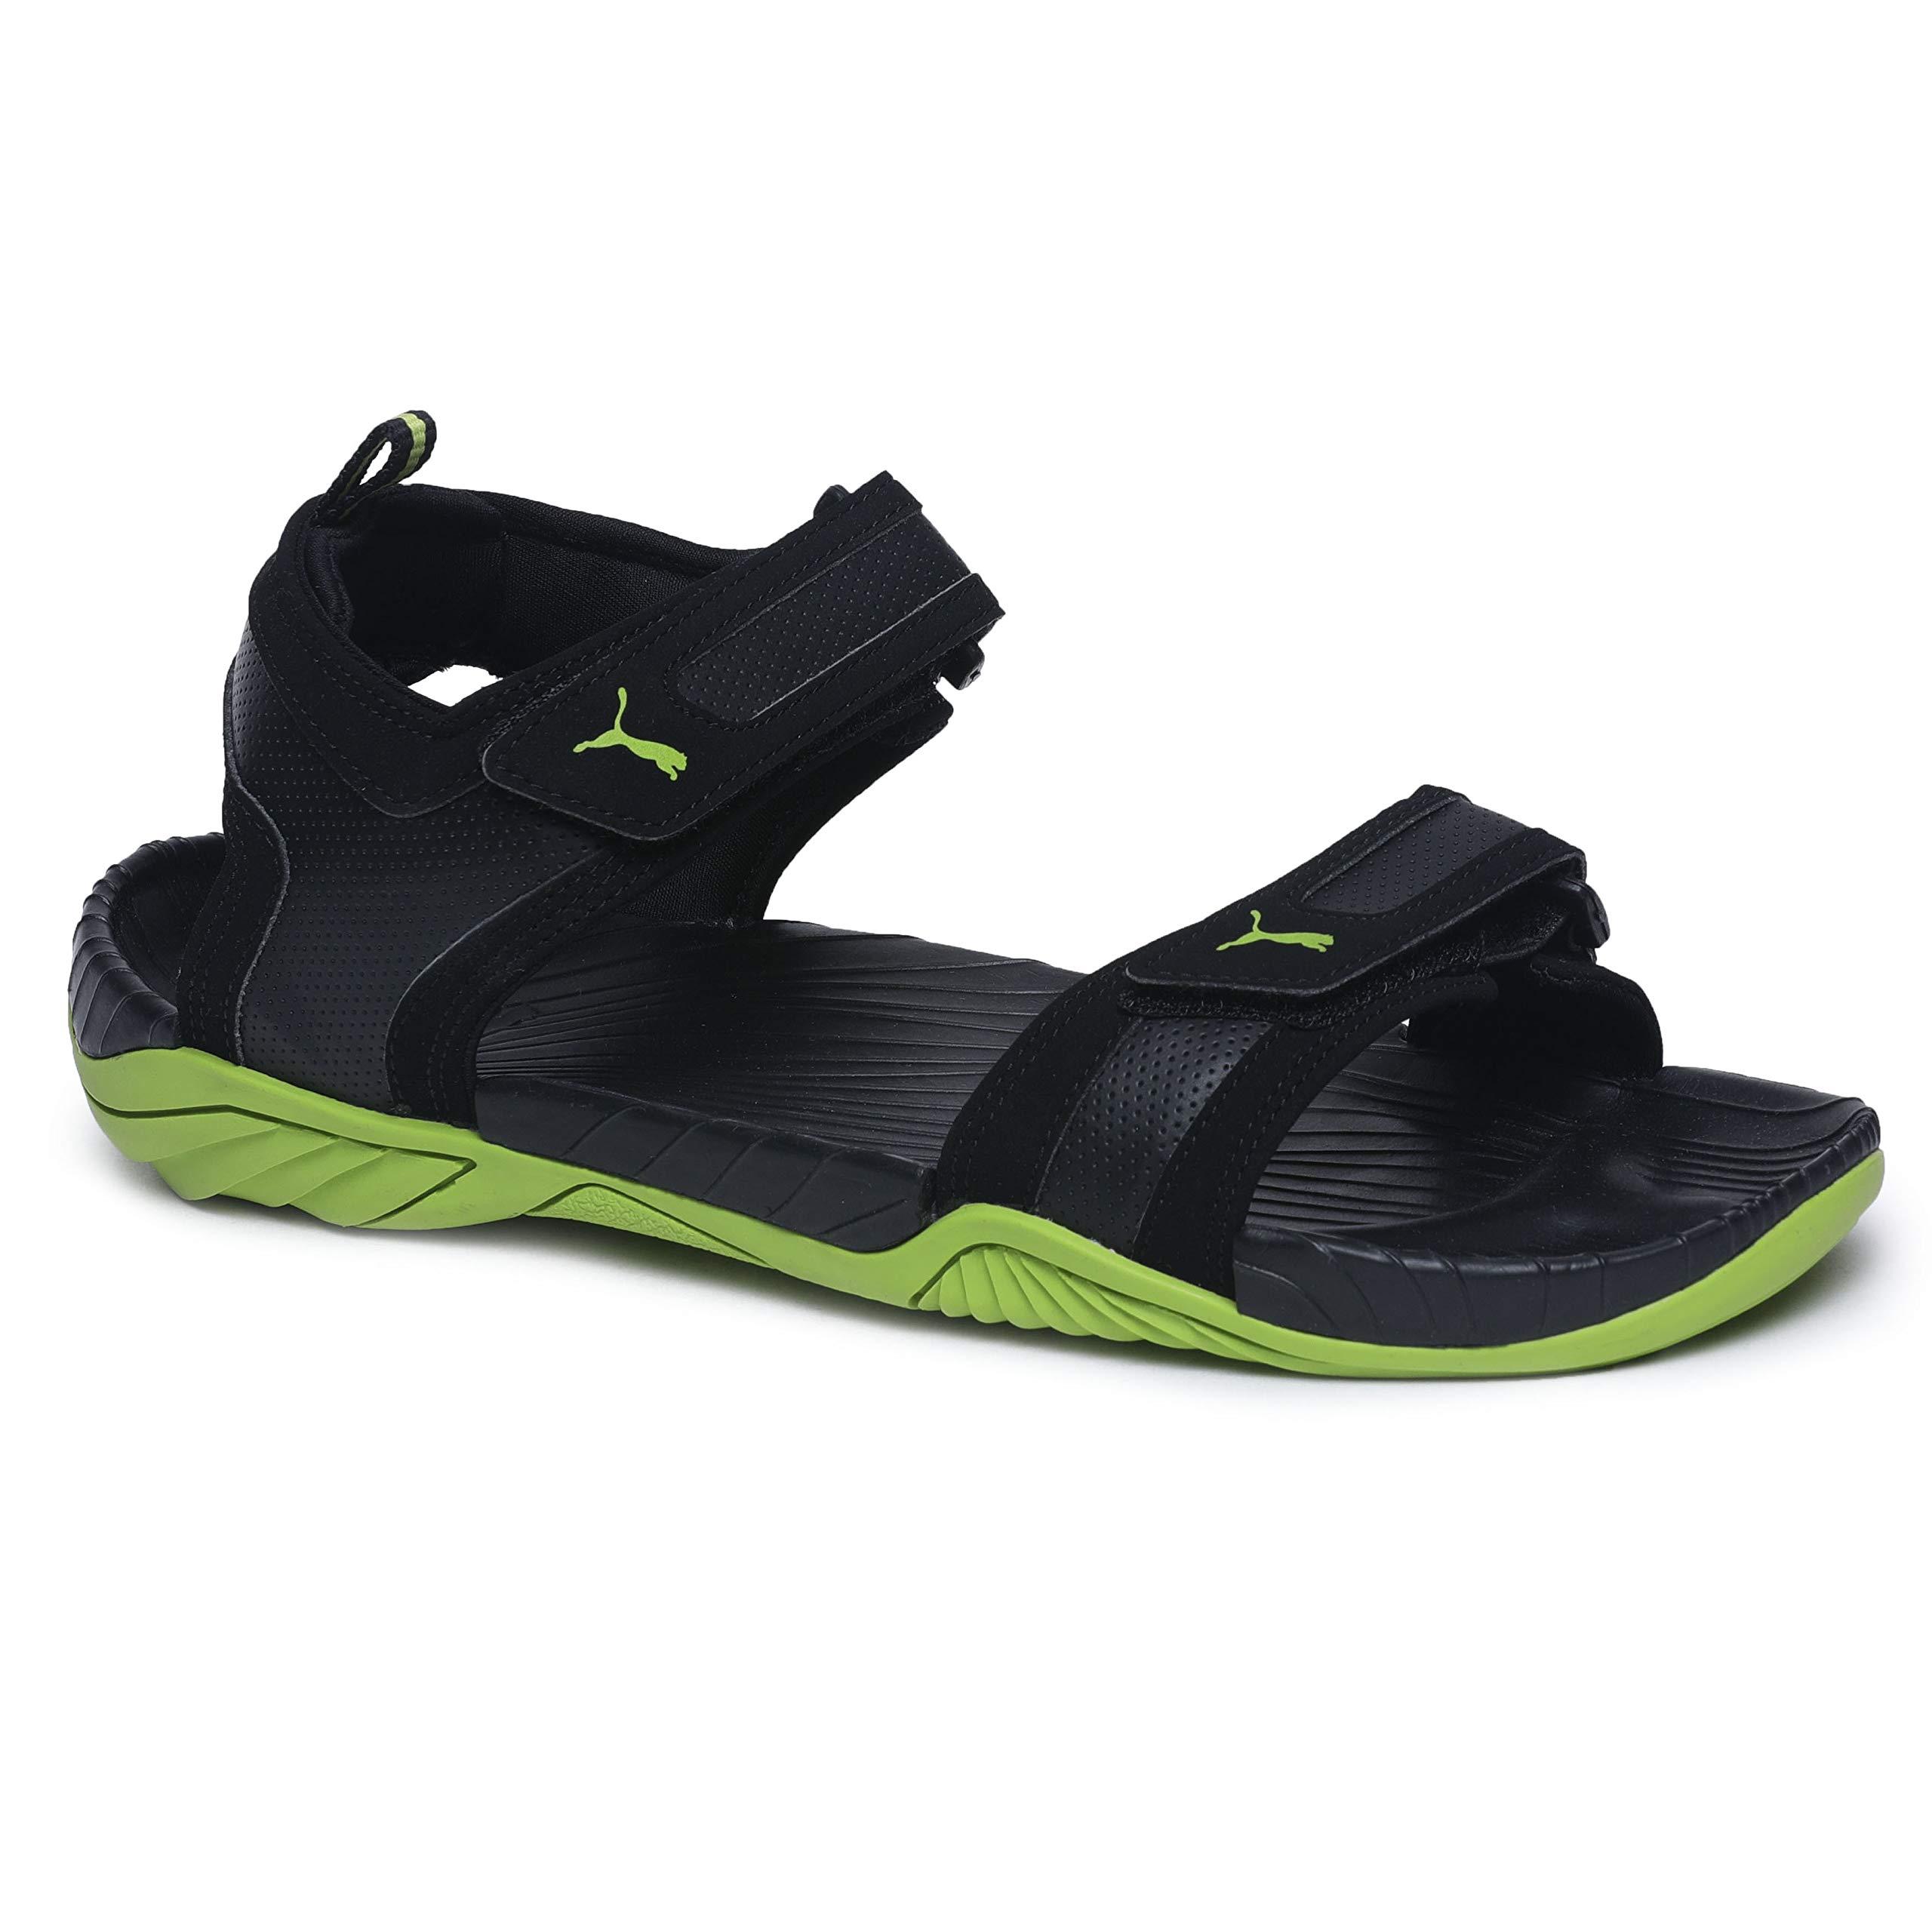 Supremacy DP Athletic \u0026 Outdoor Sandals